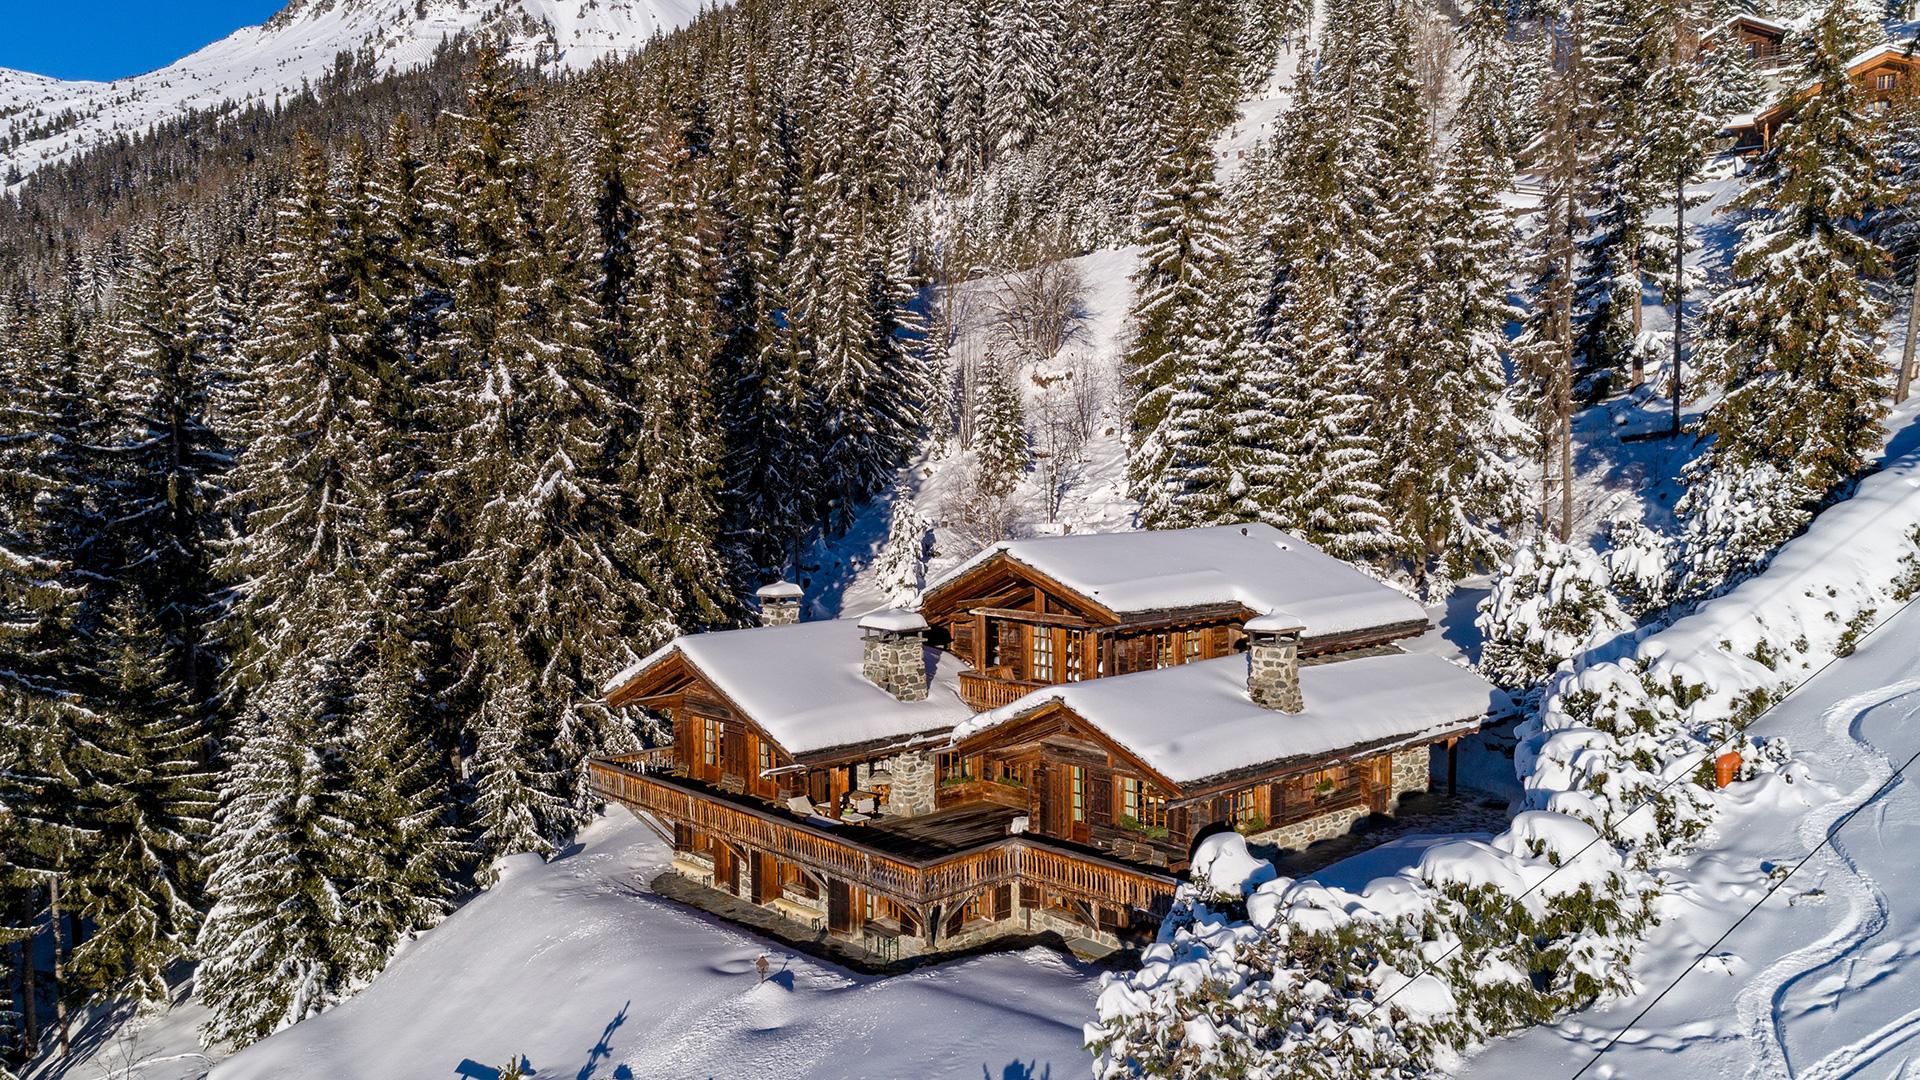 Chalet Trois Toits Chalet, Switzerland